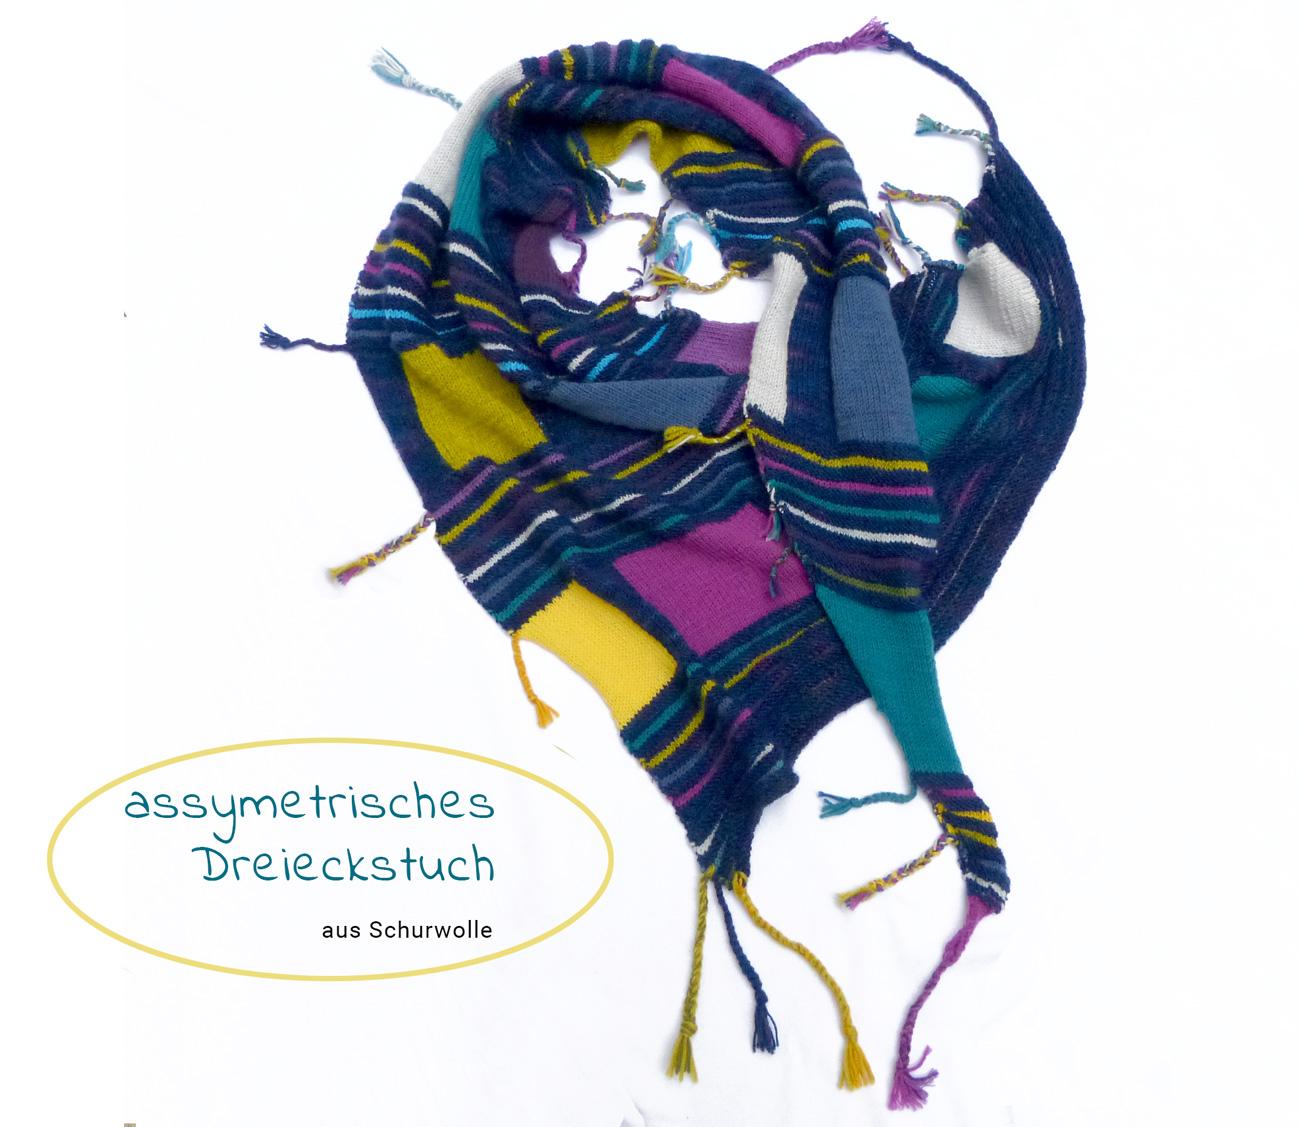 Stricktuch in Schurwolle